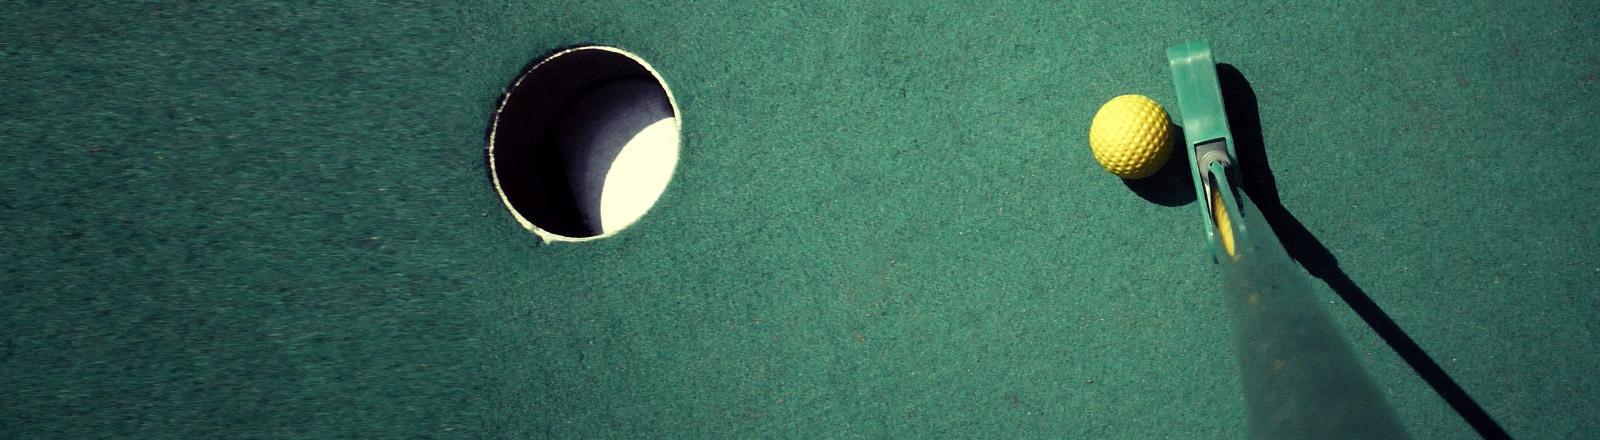 Ein Loch, ein Ball und ein Schläger beim Minigolf